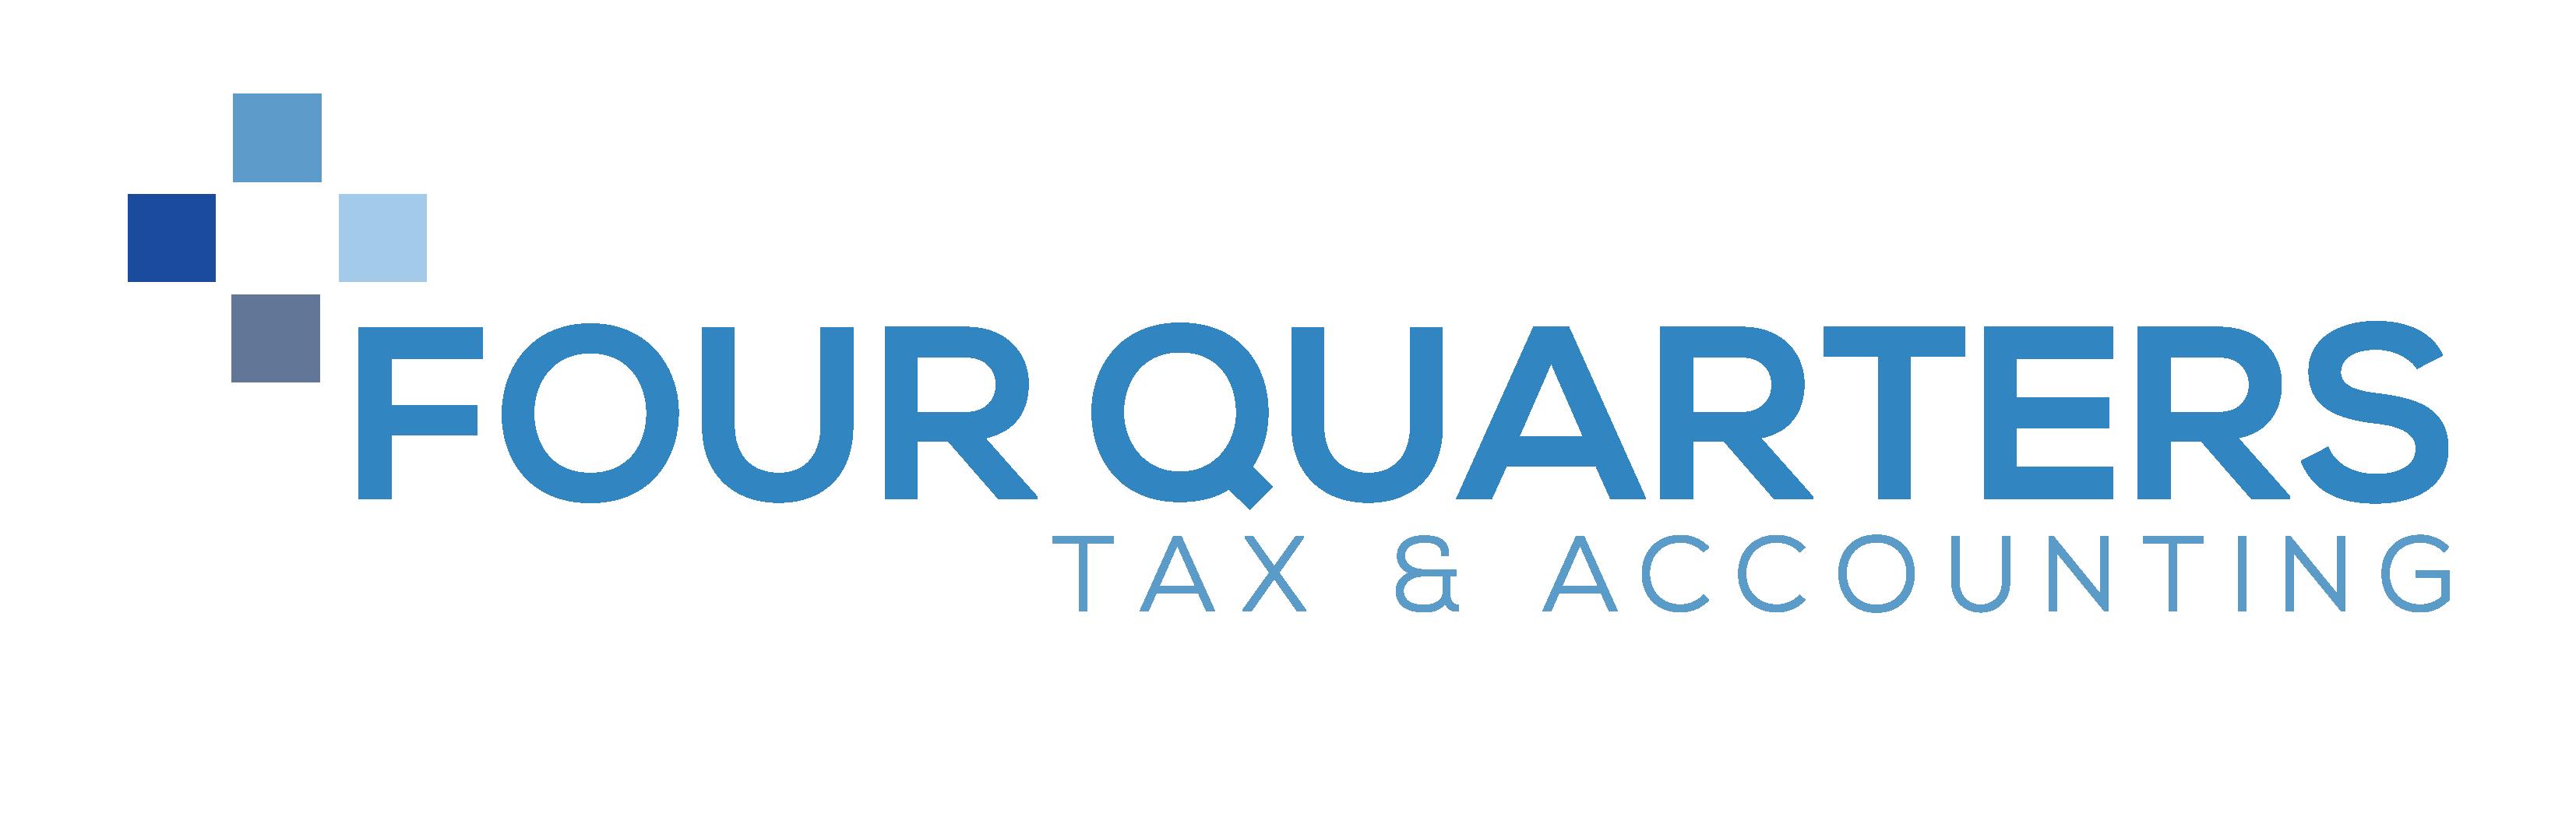 individual tax return online, personal income tax return, eTax Australia